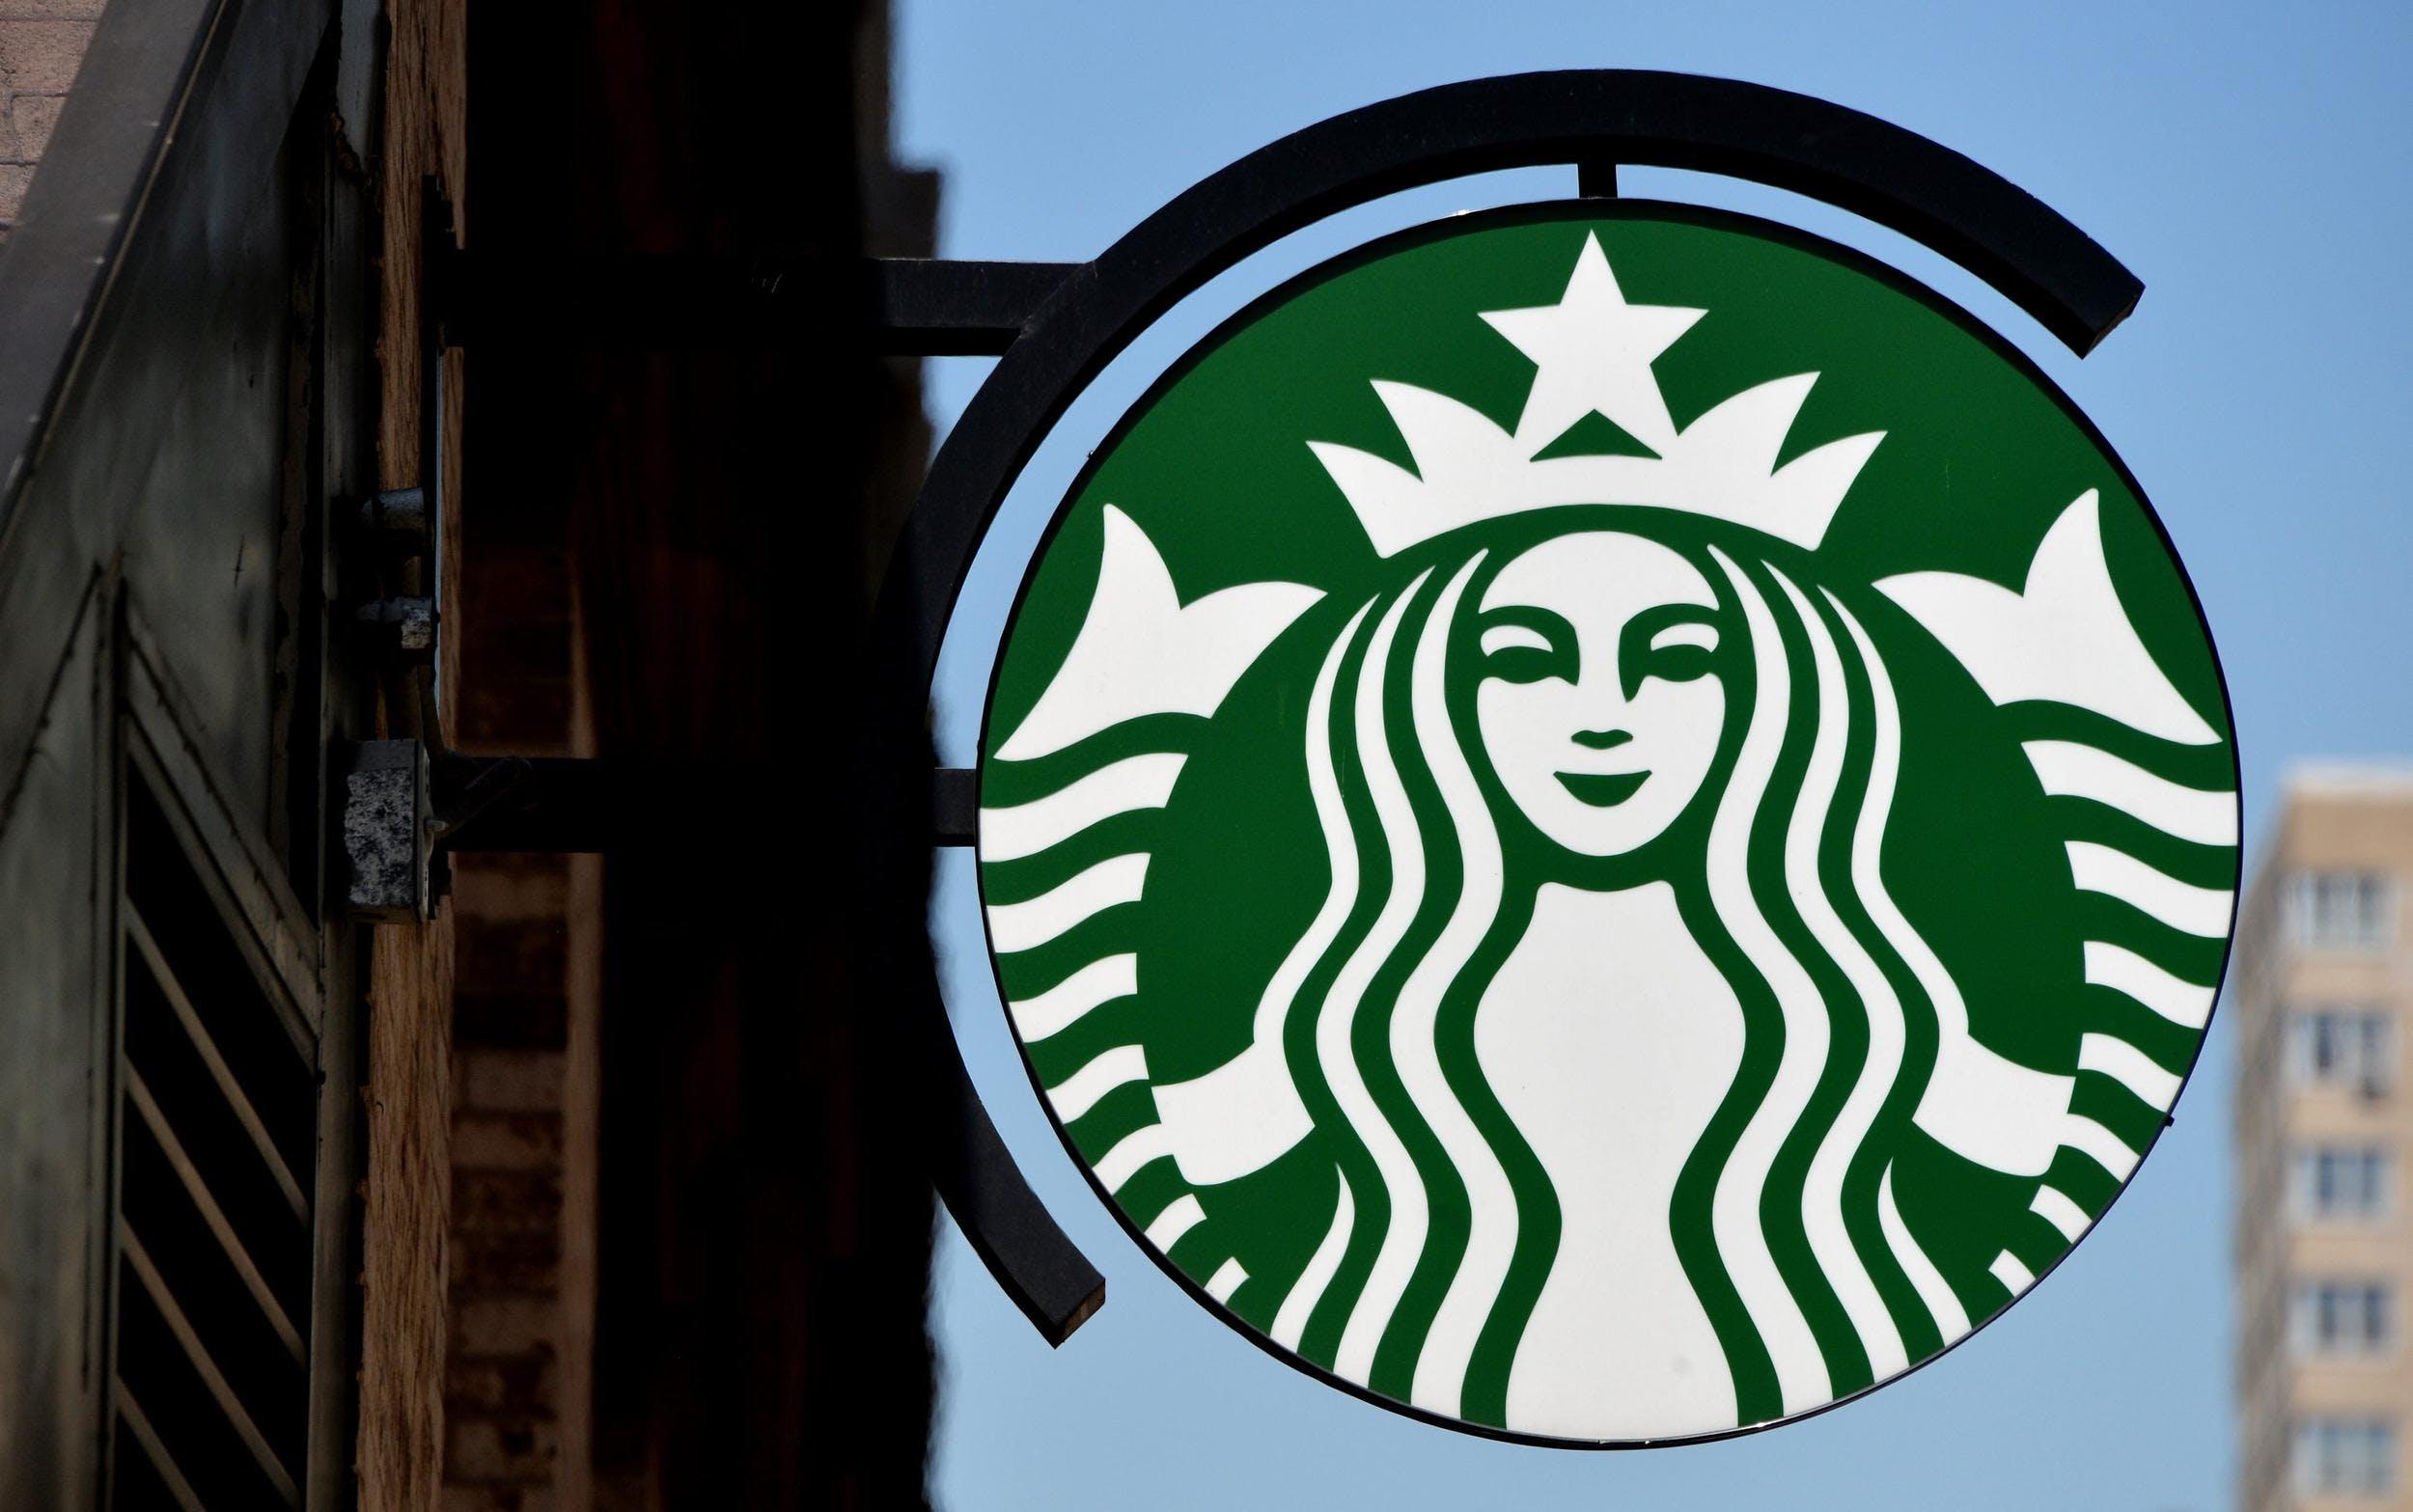 StarbucksStore-Store-2014